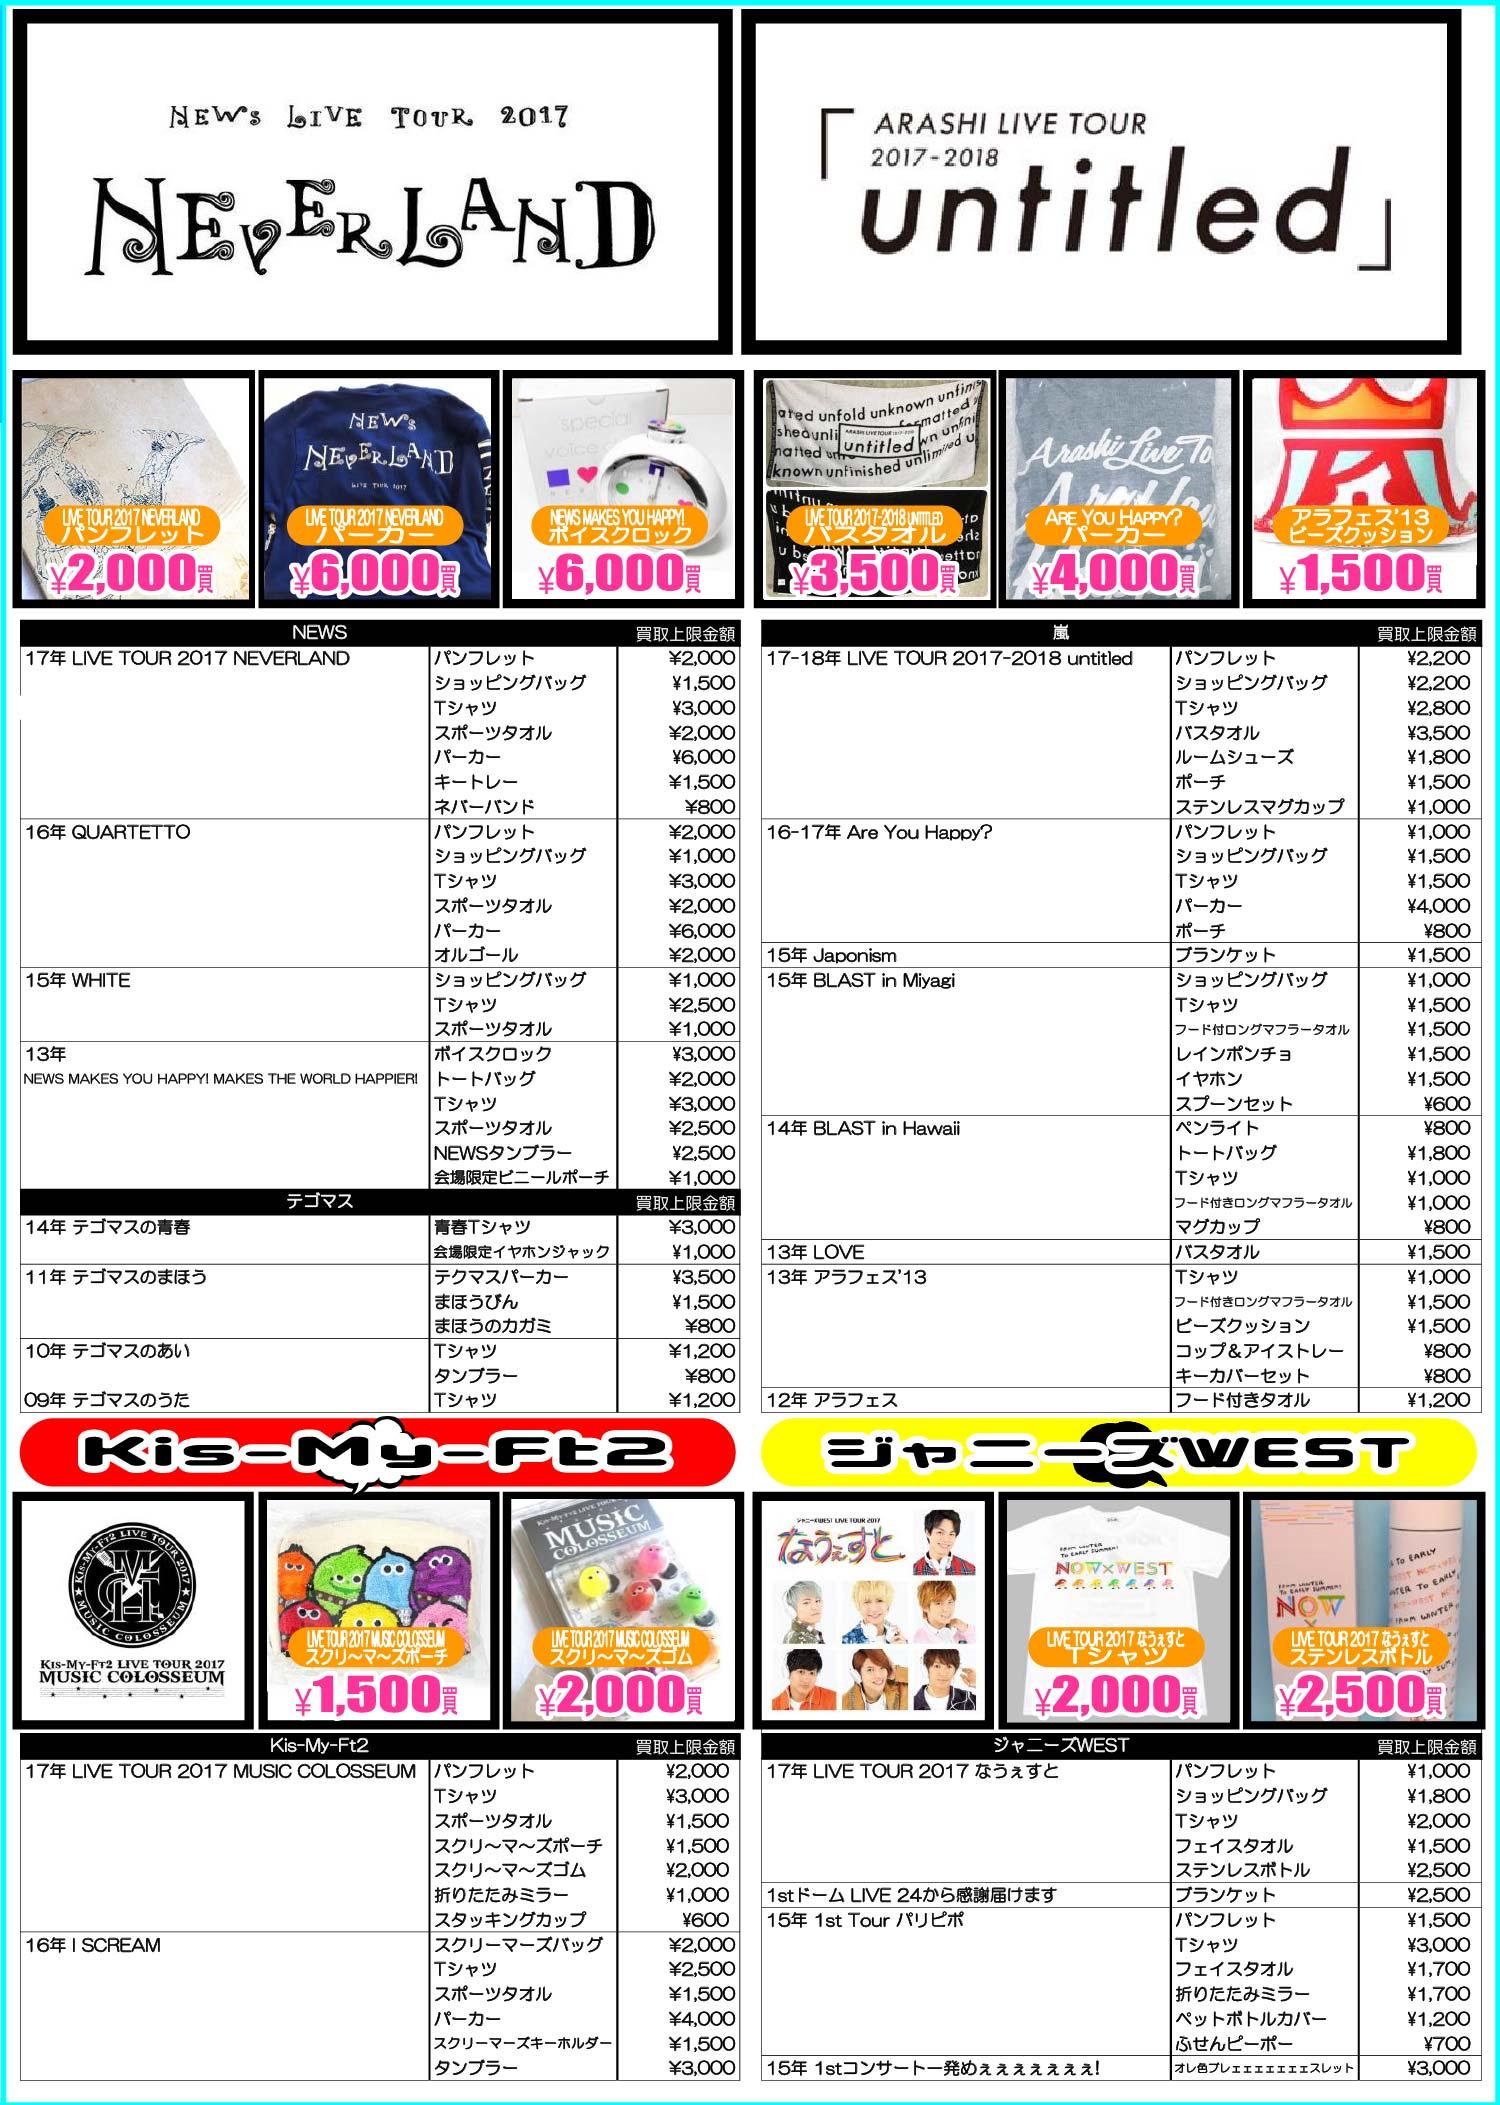 「開放倉庫山城店」CDコーナー<ジャニーズグッズ買取告知3月号>コンサート会場限定、イベント会場限定、ファンクラブ公式限定グッズなど、何でも買います!NEWS、嵐、テゴマス、Kis-My-Ft2、ジャニーズWESTなど、Tシャツ、パンフレット、クッション、バスタオル、ボイスクロックなどなど